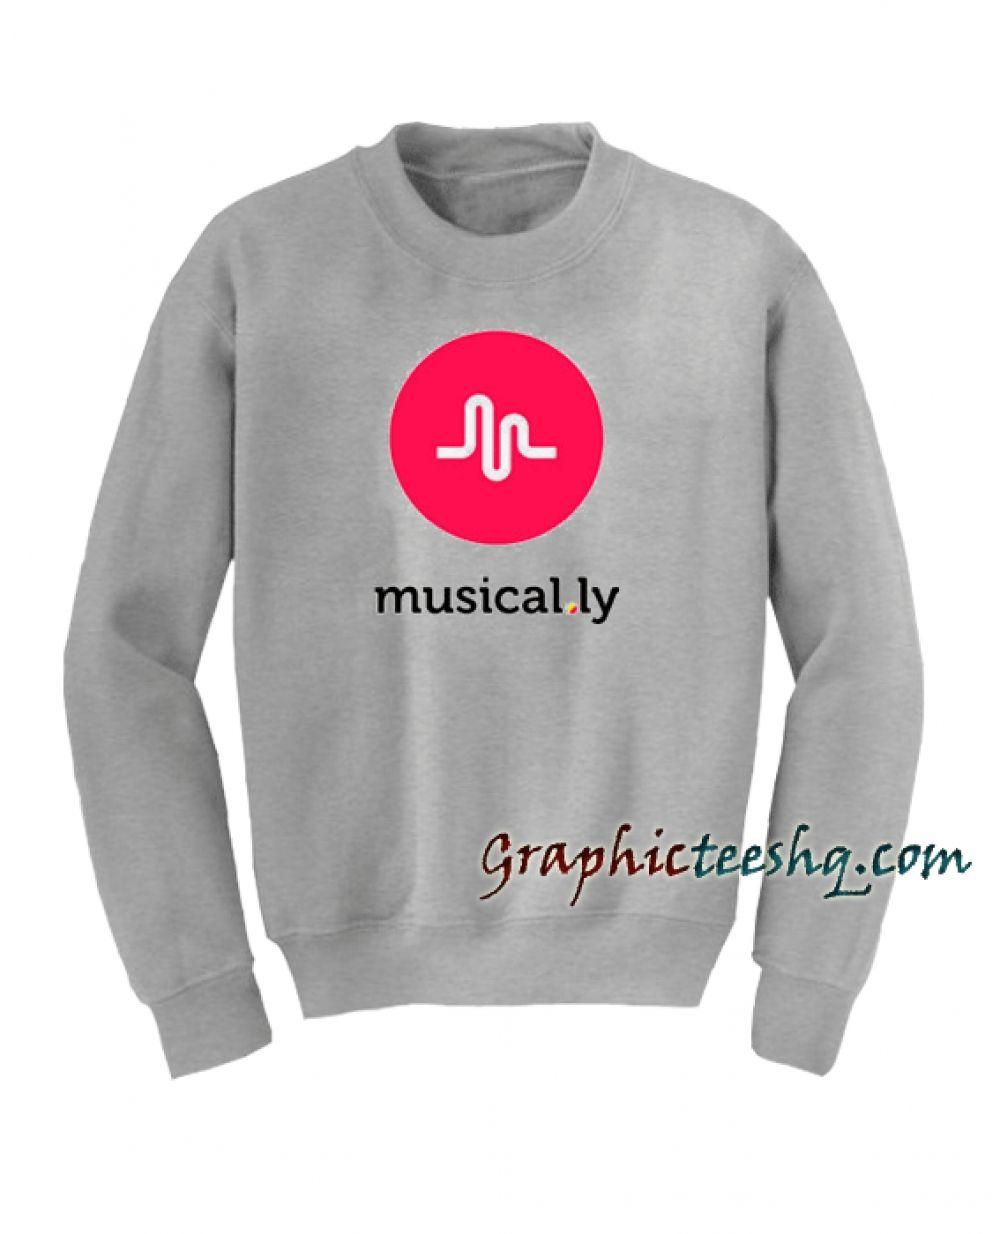 765fef2d2e42 Musical.ly Sweatshirt Price: 23.00 #style #fashion #tshirts #tee #